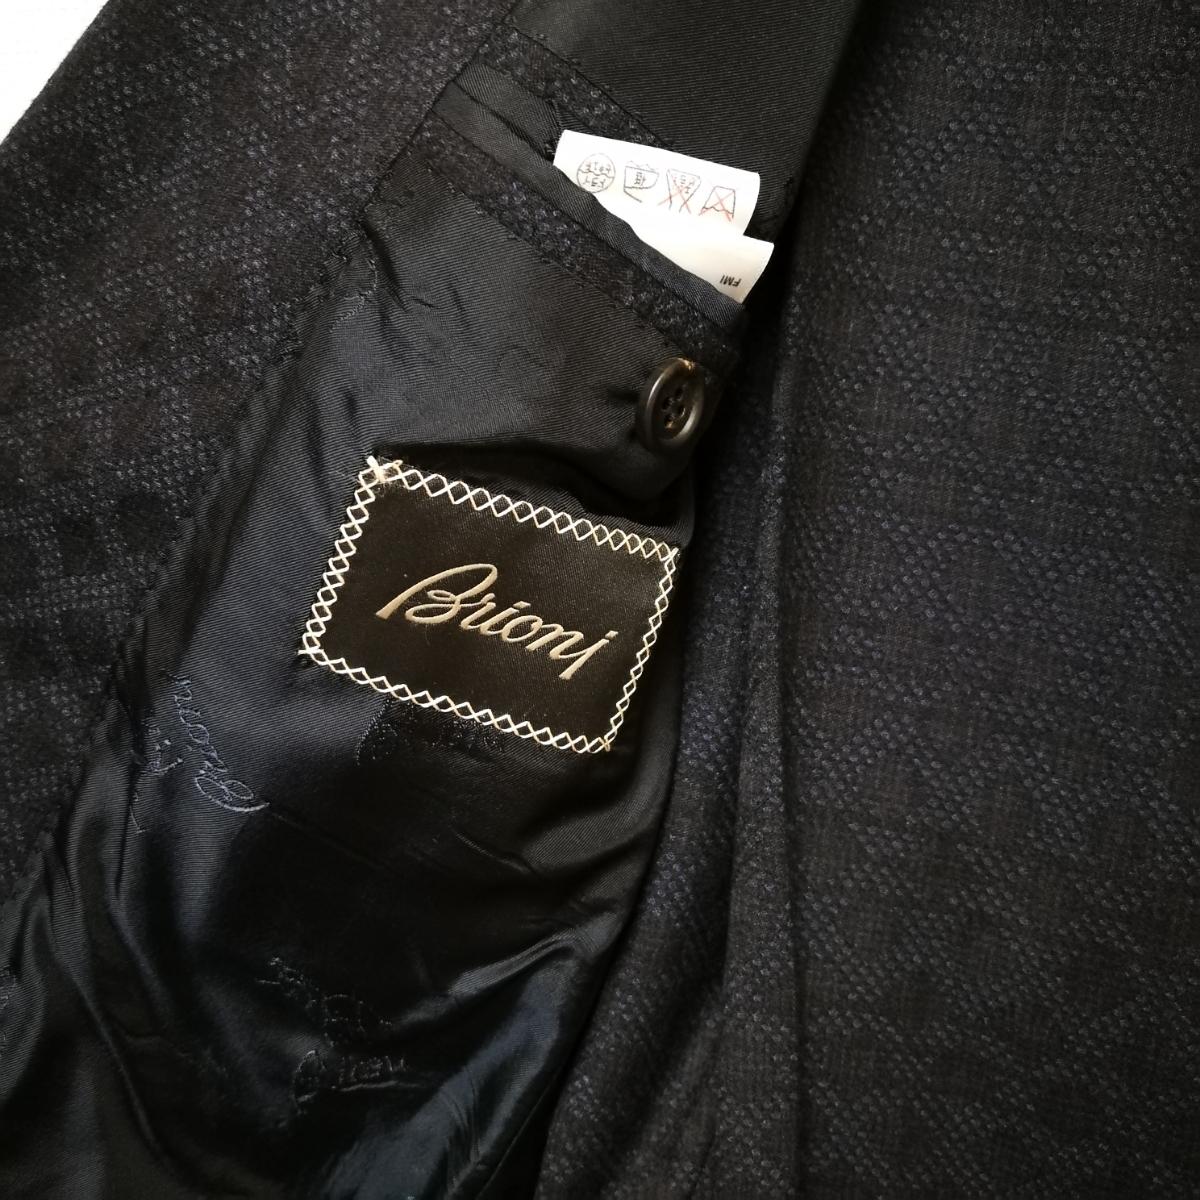 新品ブリオーニ ダークネイビースーツ サイズ44 Madison 濃紺_画像3